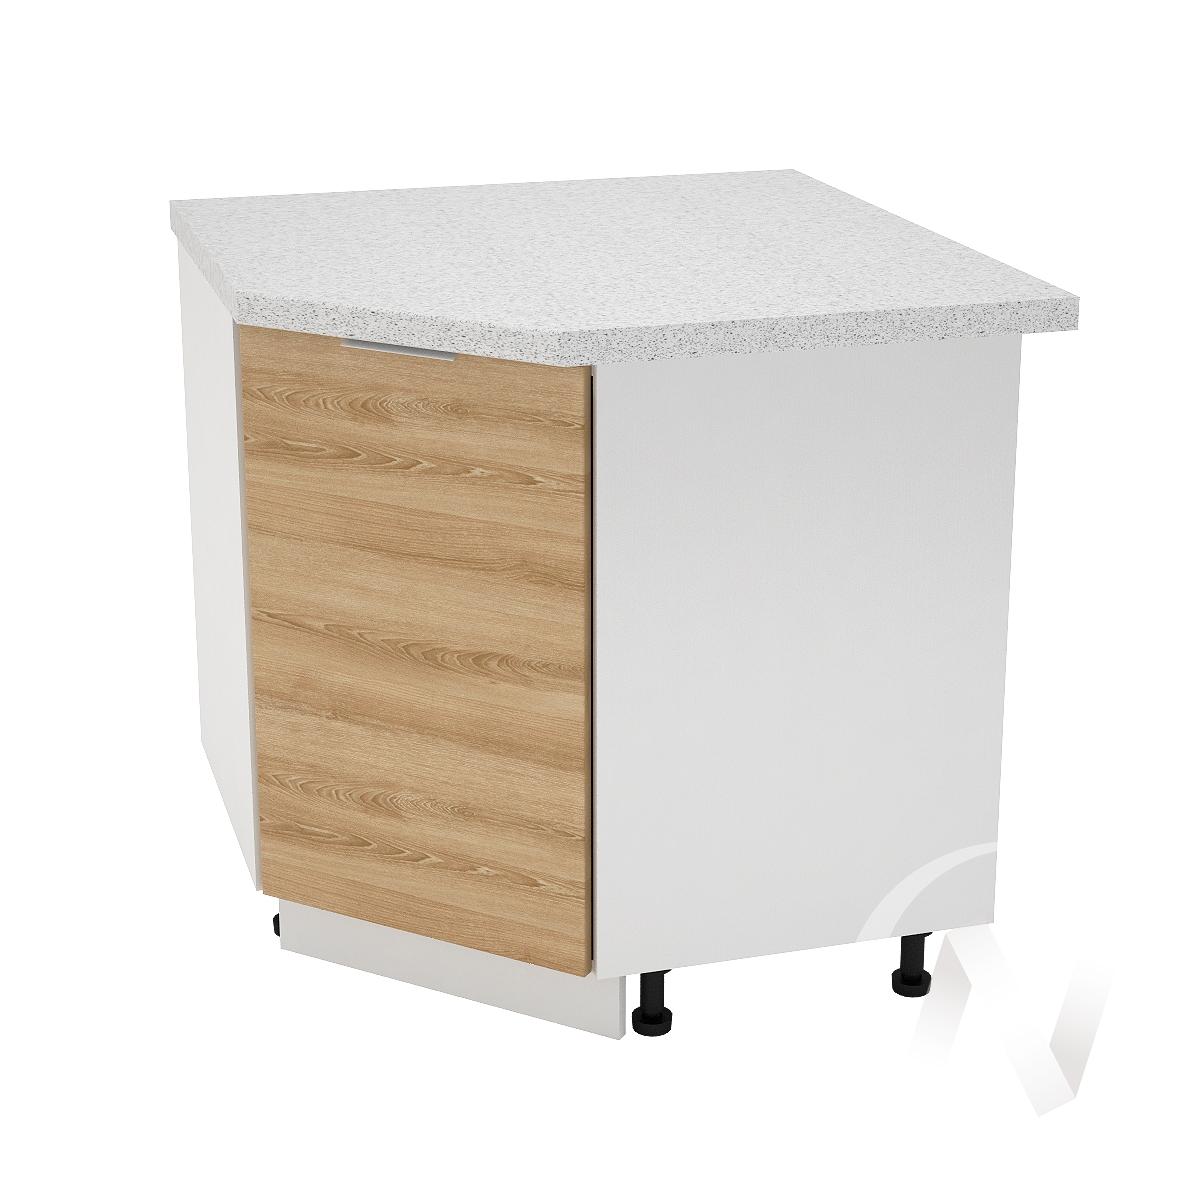 """Кухня """"Терра"""": Шкаф нижний угловой 890, ШНУ 890 (ель карпатская/корпус белый)"""